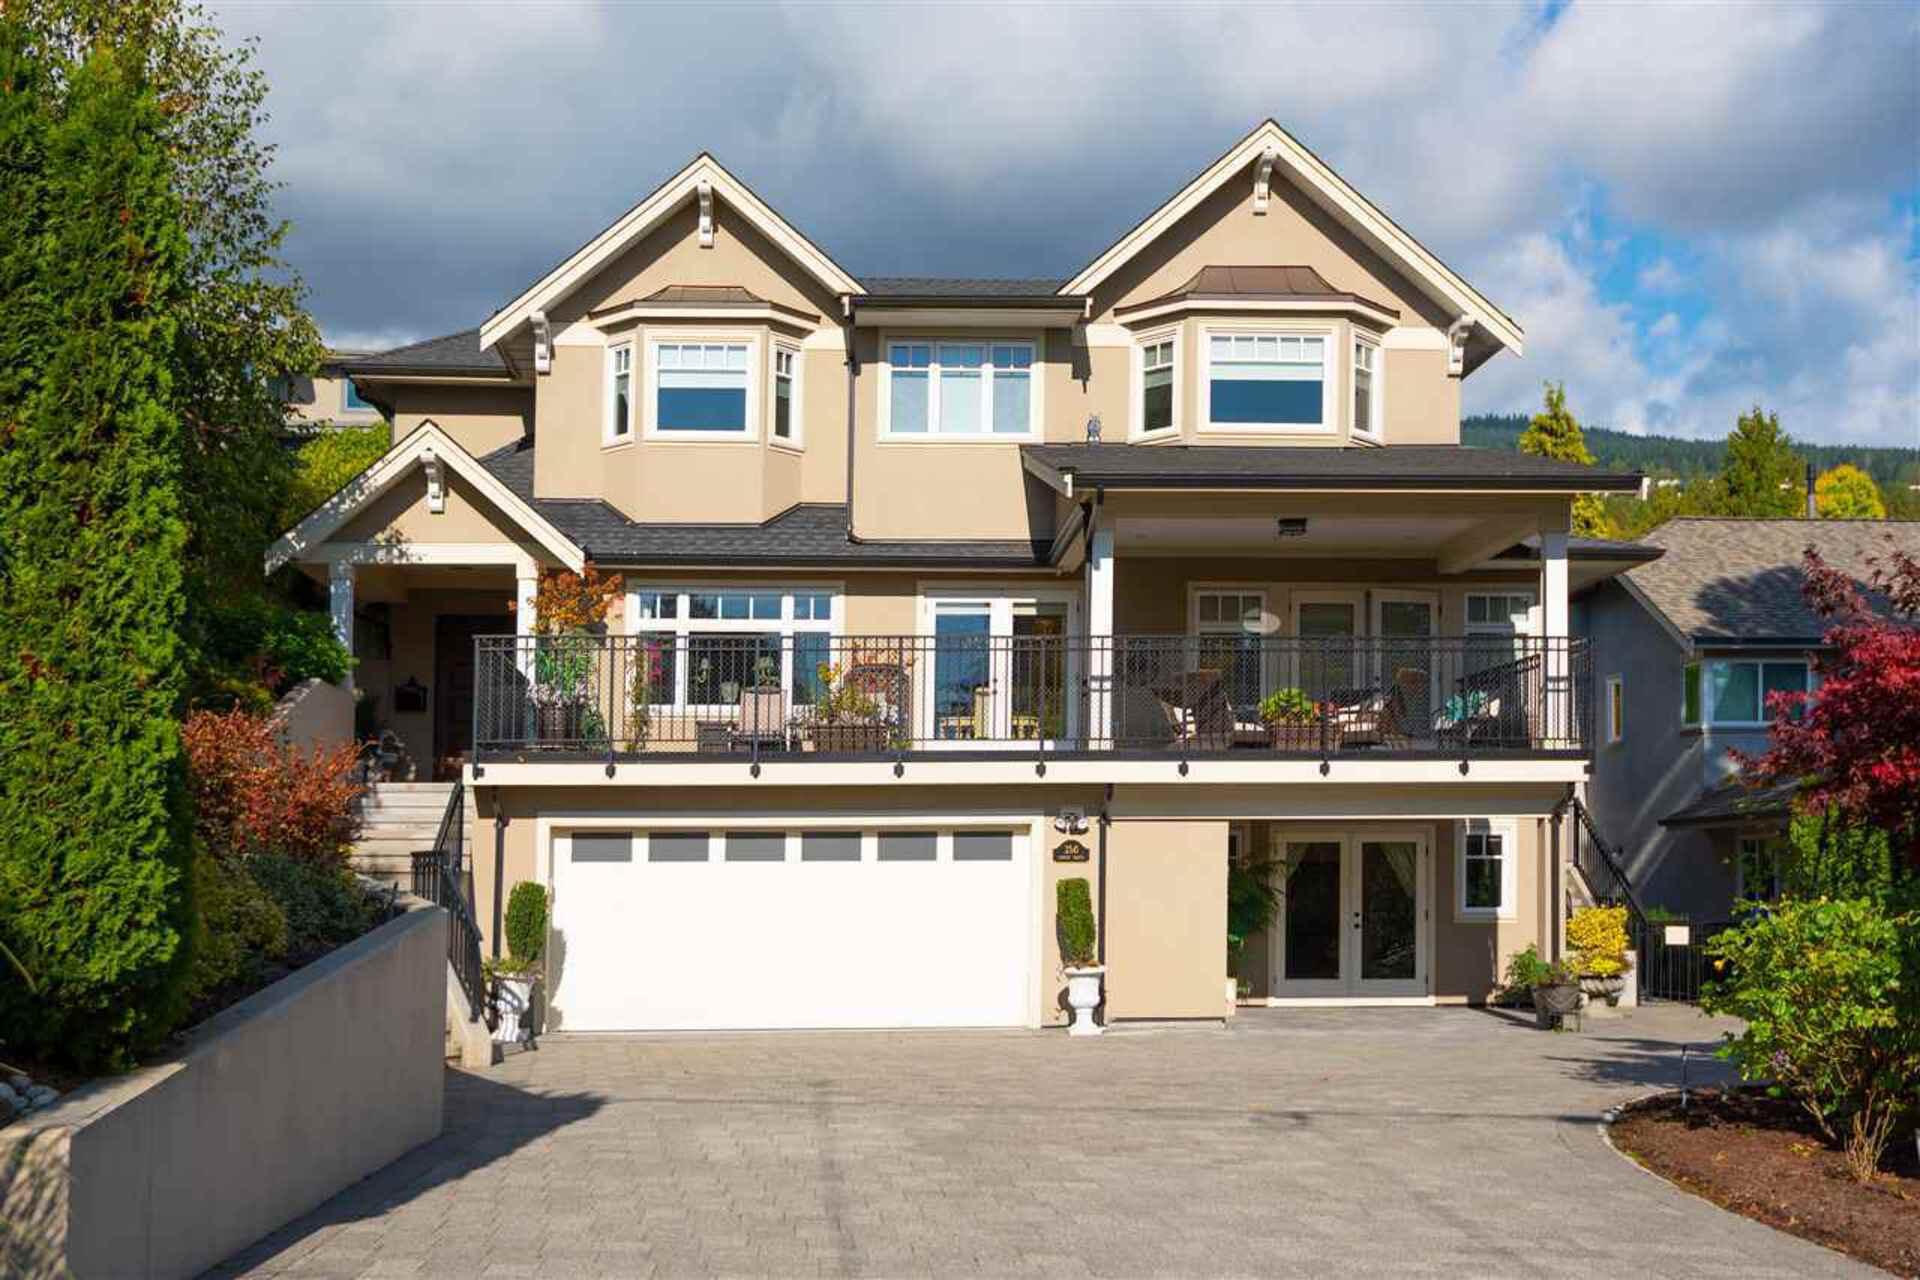 2541 Lawson Avenue, Dundarave, West Vancouver